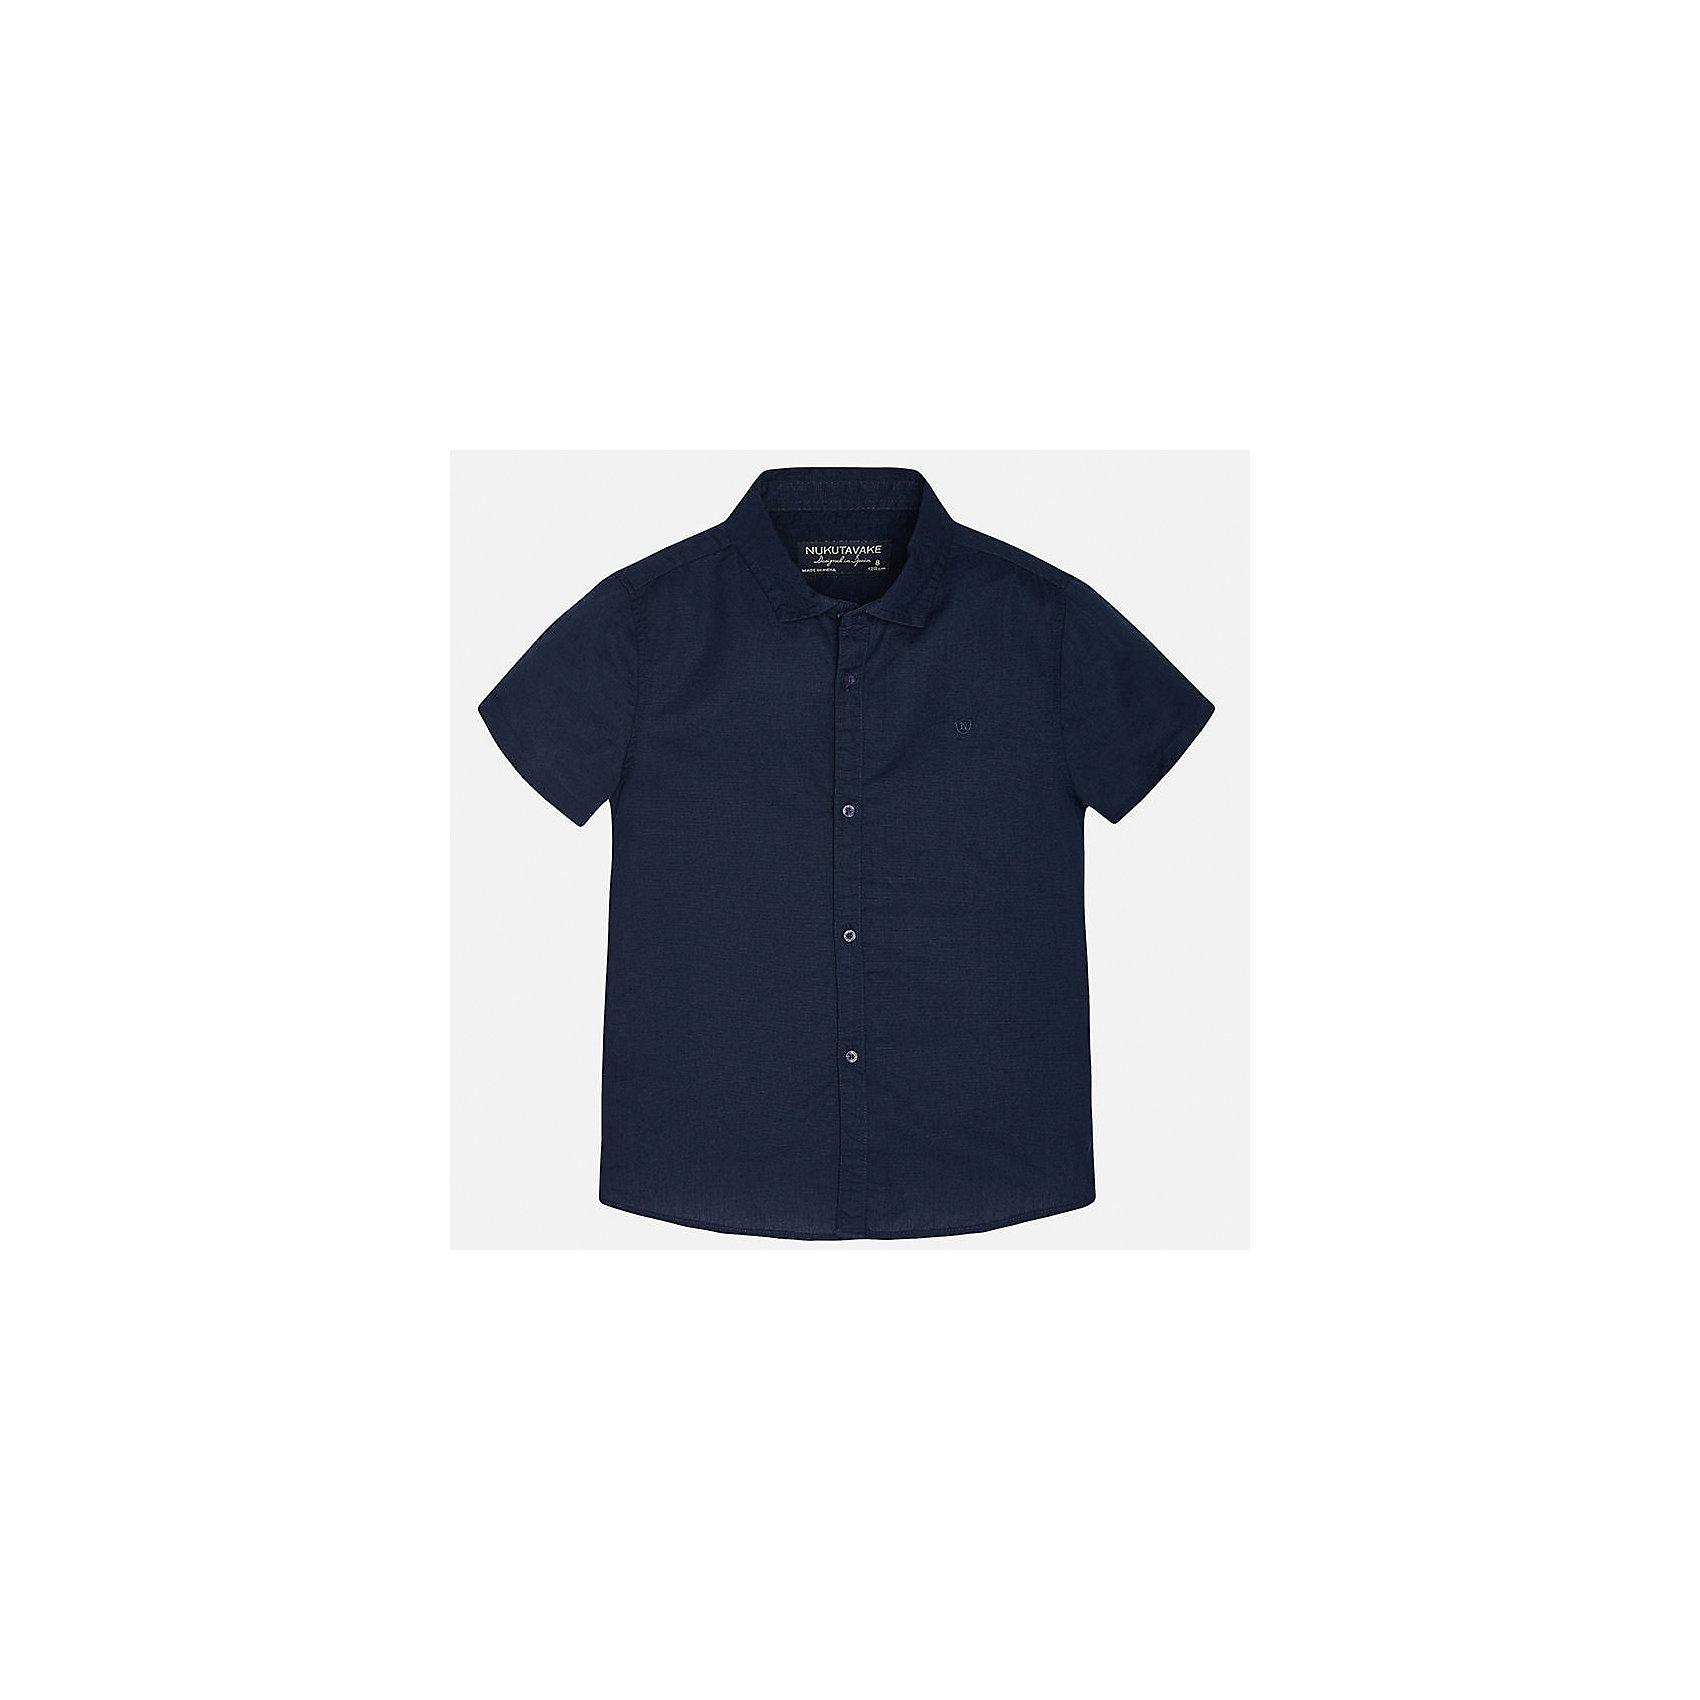 Рубашка для мальчика MayoralХарактеристики товара:<br><br>• цвет: темно-синий<br>• состав: 70% хлопок, 30% лен<br>• отложной воротник<br>• короткие рукава<br>• застежка: пуговицы<br>• прямой силуэт<br>• страна бренда: Испания<br><br>Удобная рубашка классического кроя для мальчика может стать базовой вещью в гардеробе ребенка. Она отлично сочетается с брюками, шортами, джинсами и т.д. Универсальный крой и цвет позволяет подобрать к вещи низ разных расцветок. Практичное и стильное изделие! В составе материала - натуральный хлопок, гипоаллергенный, приятный на ощупь, дышащий.<br><br>Одежда, обувь и аксессуары от испанского бренда Mayoral полюбились детям и взрослым по всему миру. Модели этой марки - стильные и удобные. Для их производства используются только безопасные, качественные материалы и фурнитура. Порадуйте ребенка модными и красивыми вещами от Mayoral! <br><br>Рубашку для мальчика от испанского бренда Mayoral (Майорал) можно купить в нашем интернет-магазине.<br><br>Ширина мм: 174<br>Глубина мм: 10<br>Высота мм: 169<br>Вес г: 157<br>Цвет: синий<br>Возраст от месяцев: 144<br>Возраст до месяцев: 156<br>Пол: Мужской<br>Возраст: Детский<br>Размер: 164,140,158,152,128/134,170<br>SKU: 5278300